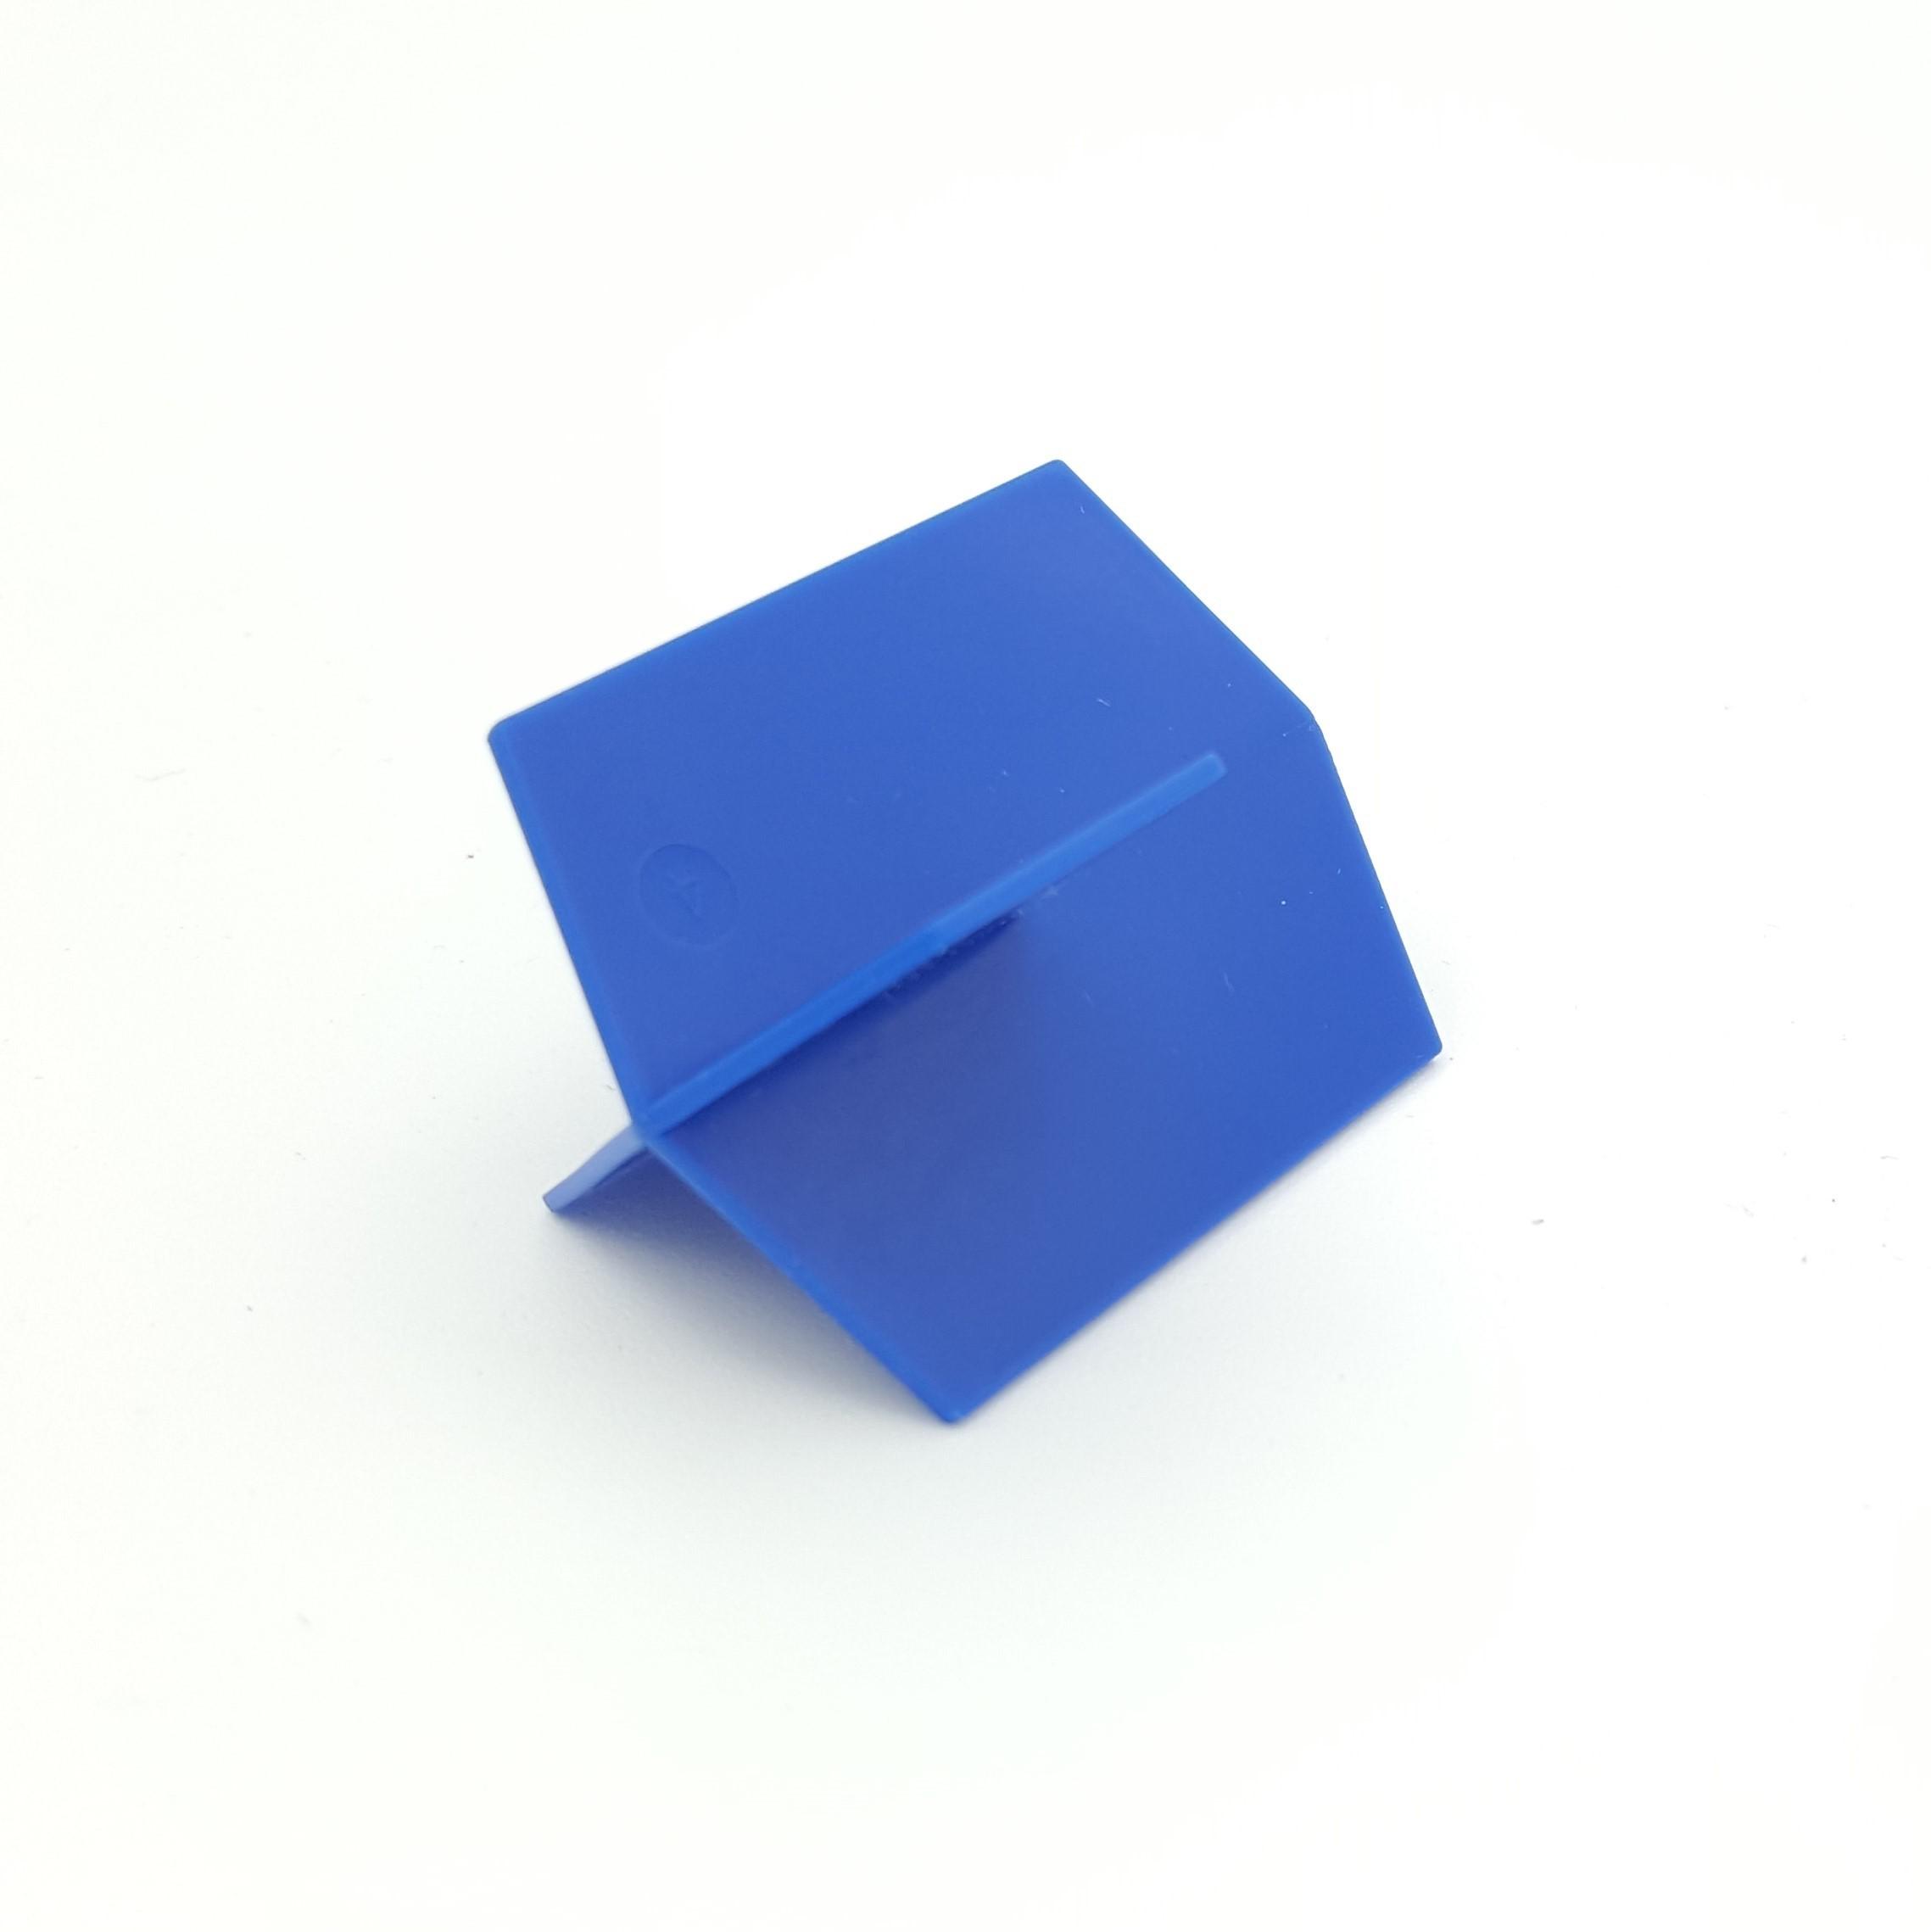 Croisillon récupérable, réutilisable, universel 1.0 mm